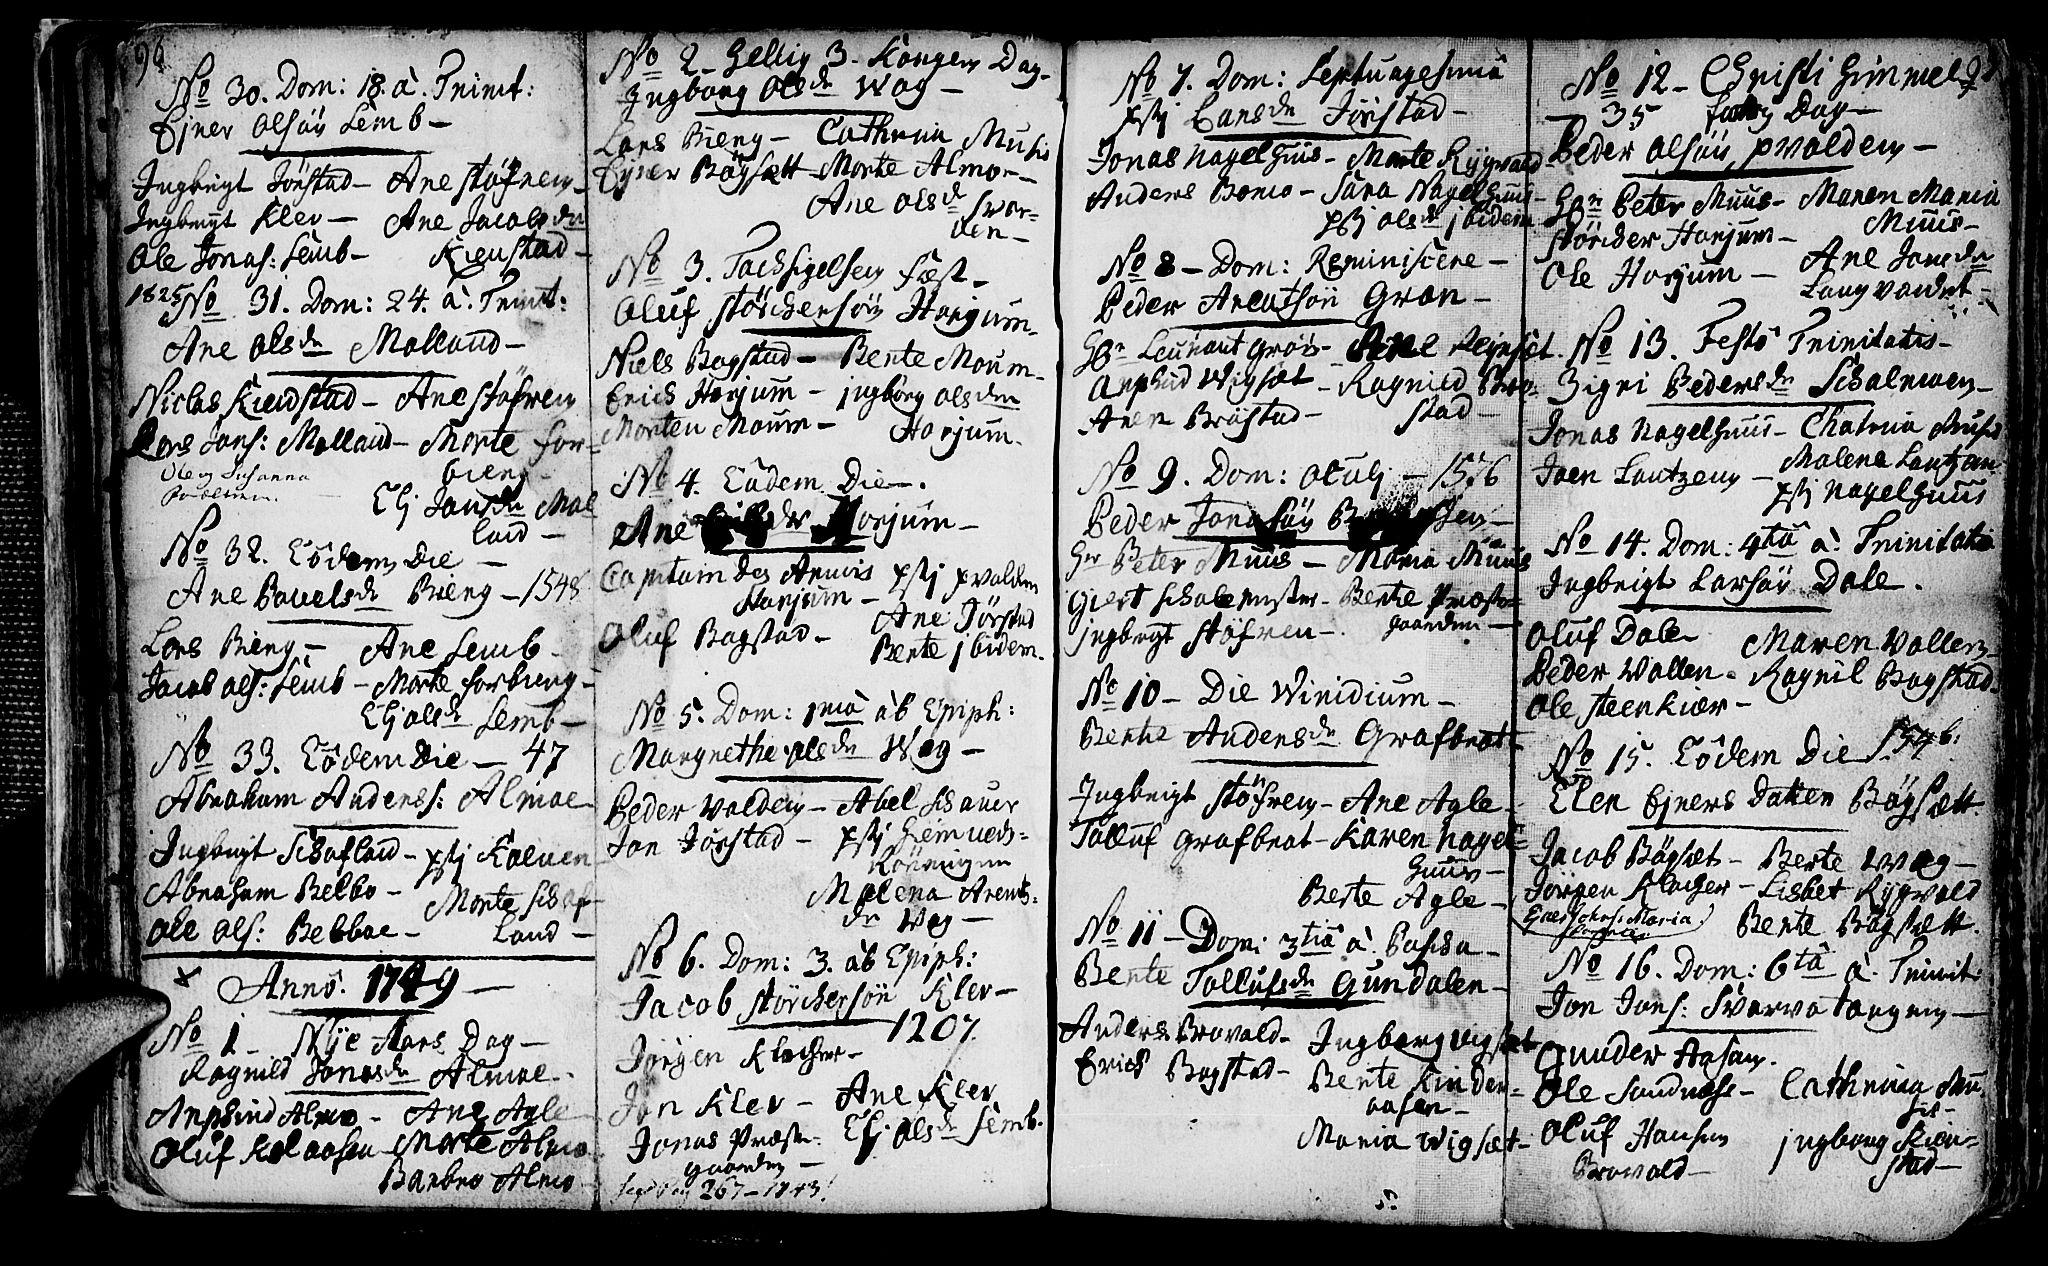 SAT, Ministerialprotokoller, klokkerbøker og fødselsregistre - Nord-Trøndelag, 749/L0467: Ministerialbok nr. 749A01, 1733-1787, s. 96-97